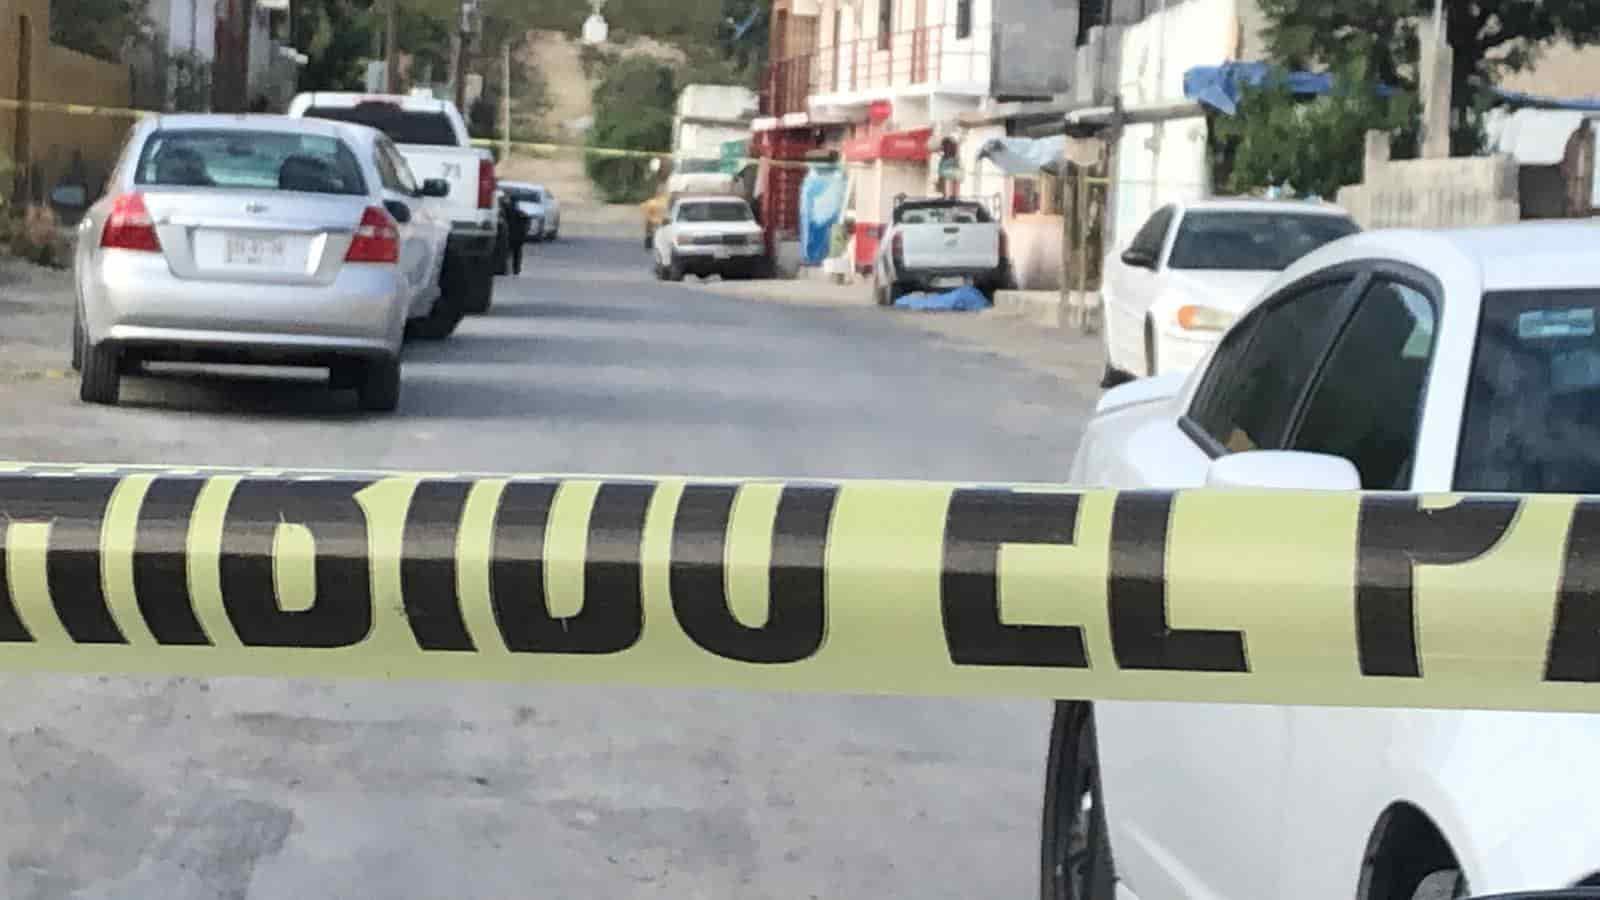 Dos personas sin vida y un lesionado dejó una agresión a balazos en un negocio